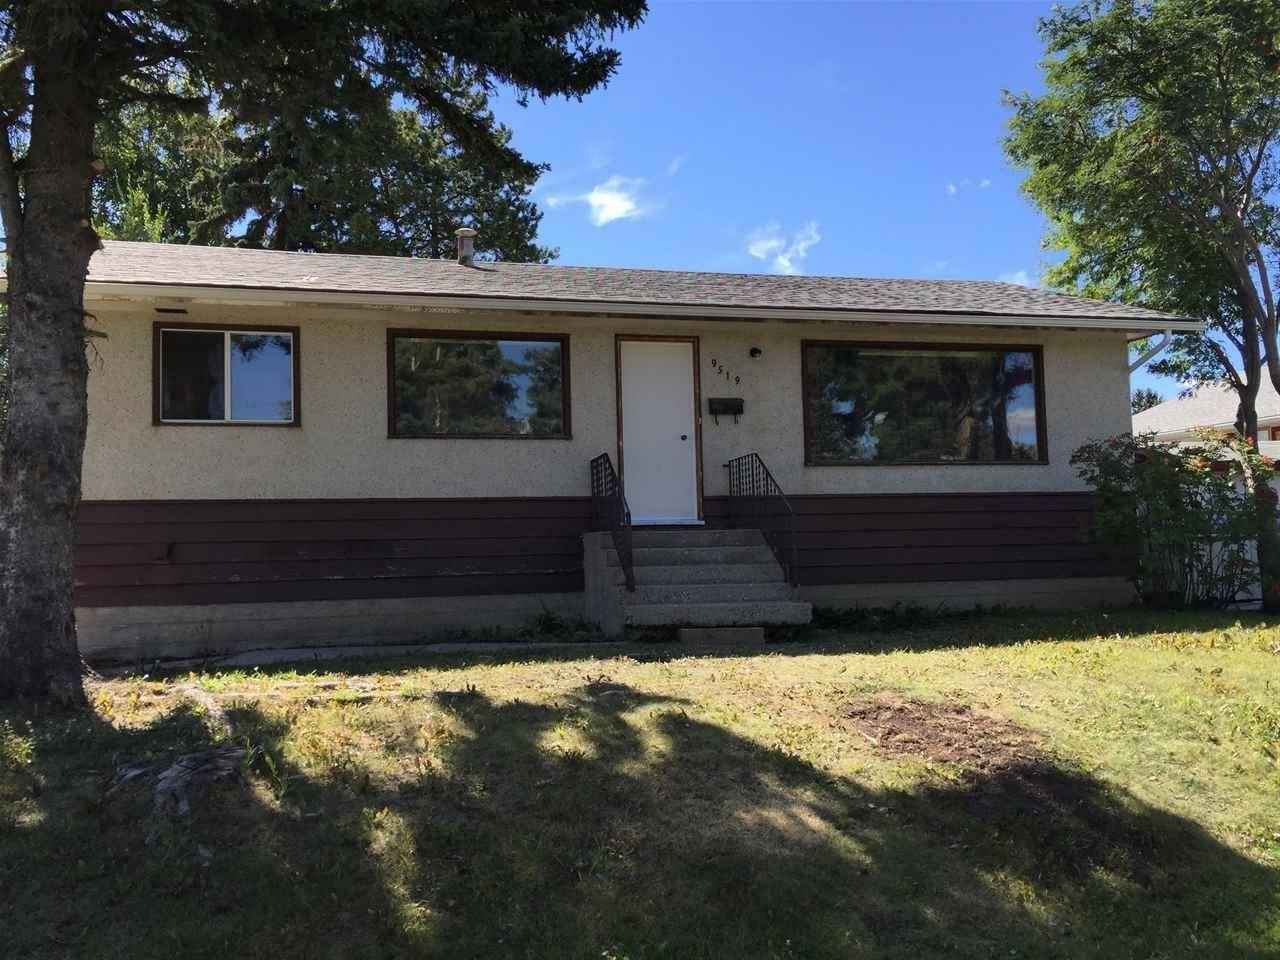 Main Photo: 9519 105 Avenue: Fort St. John - City NE House for sale (Fort St. John (Zone 60))  : MLS®# R2101318